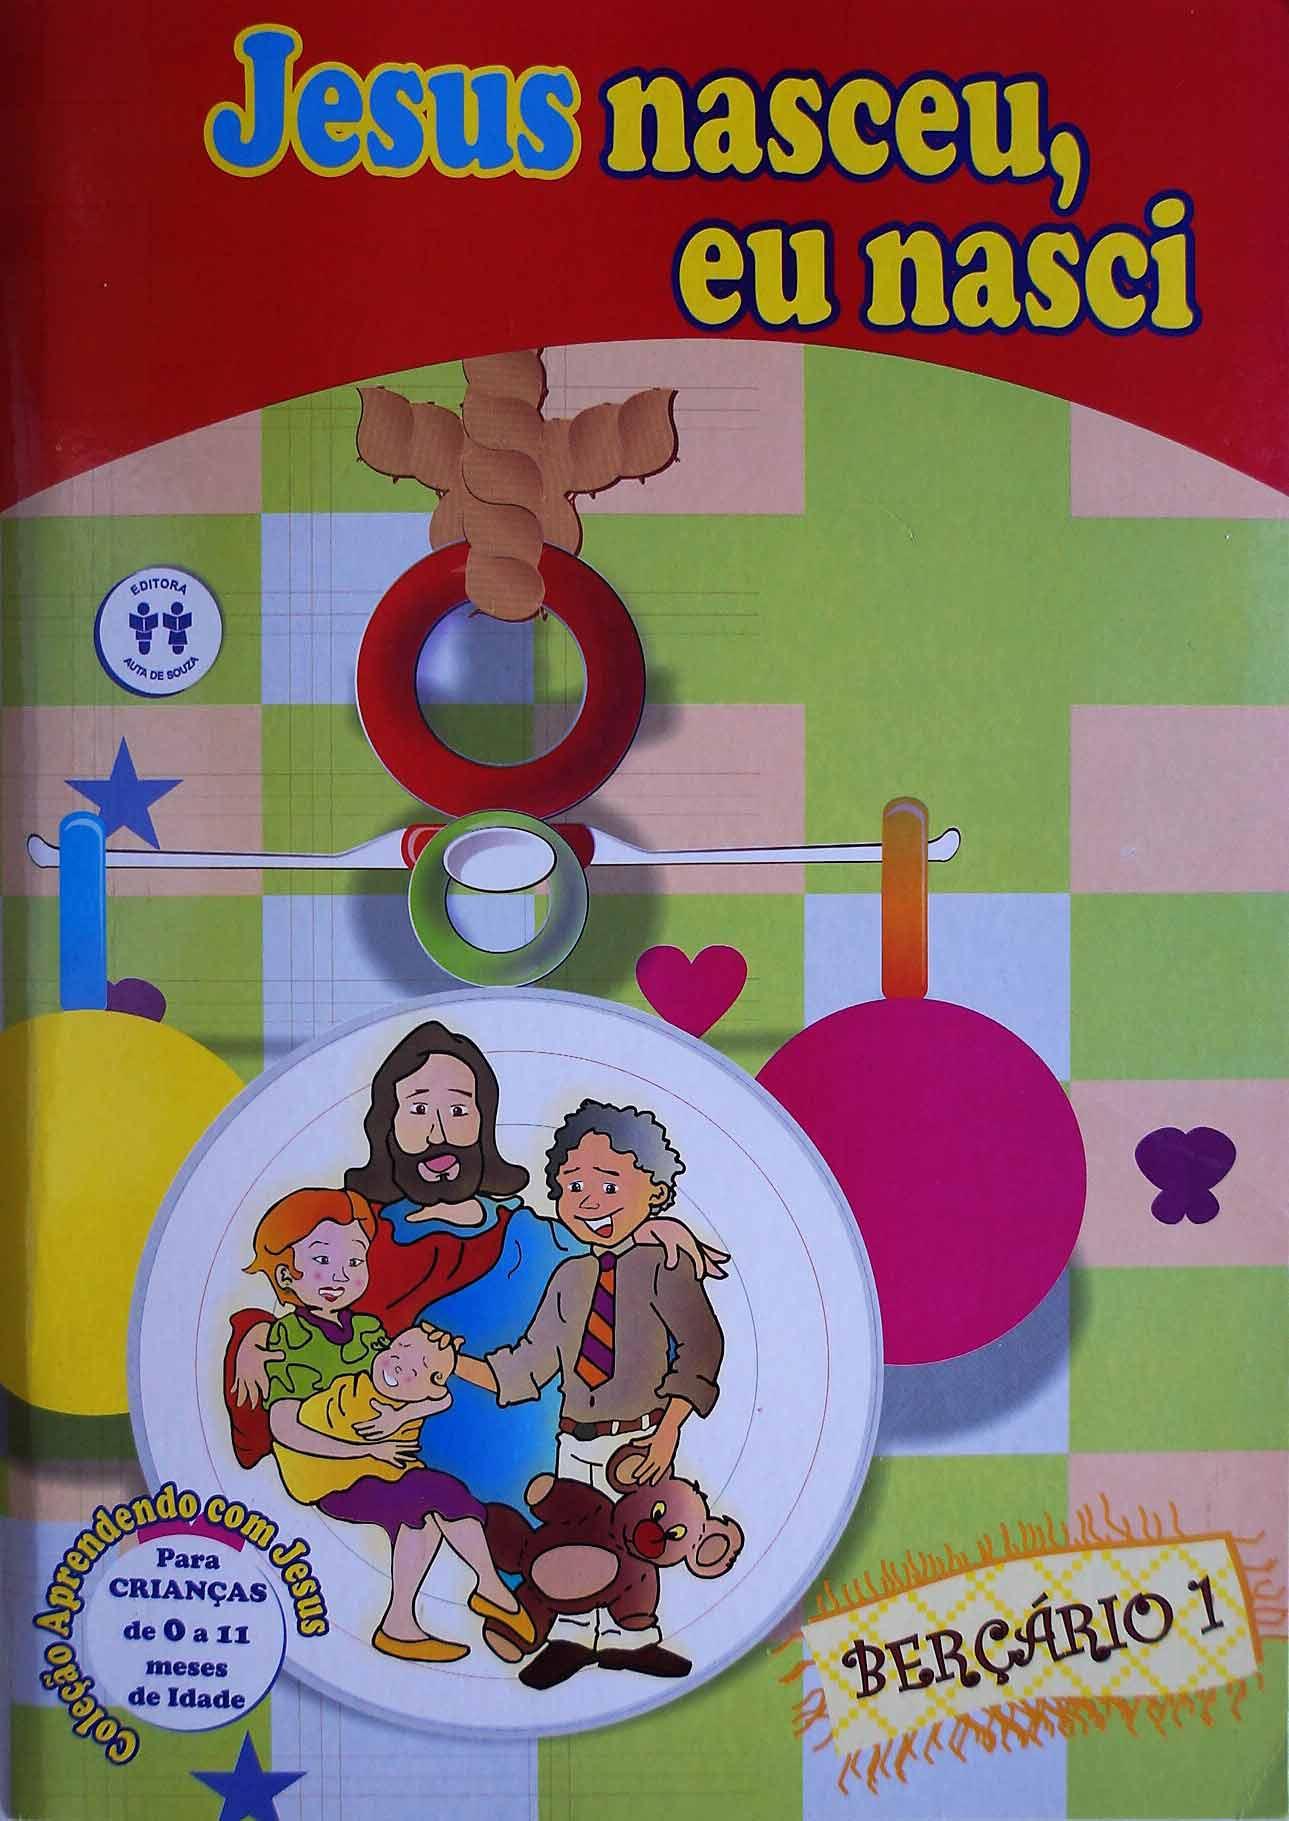 JESUS NASCEU, EU NASCI - BERÇÁRIO 1